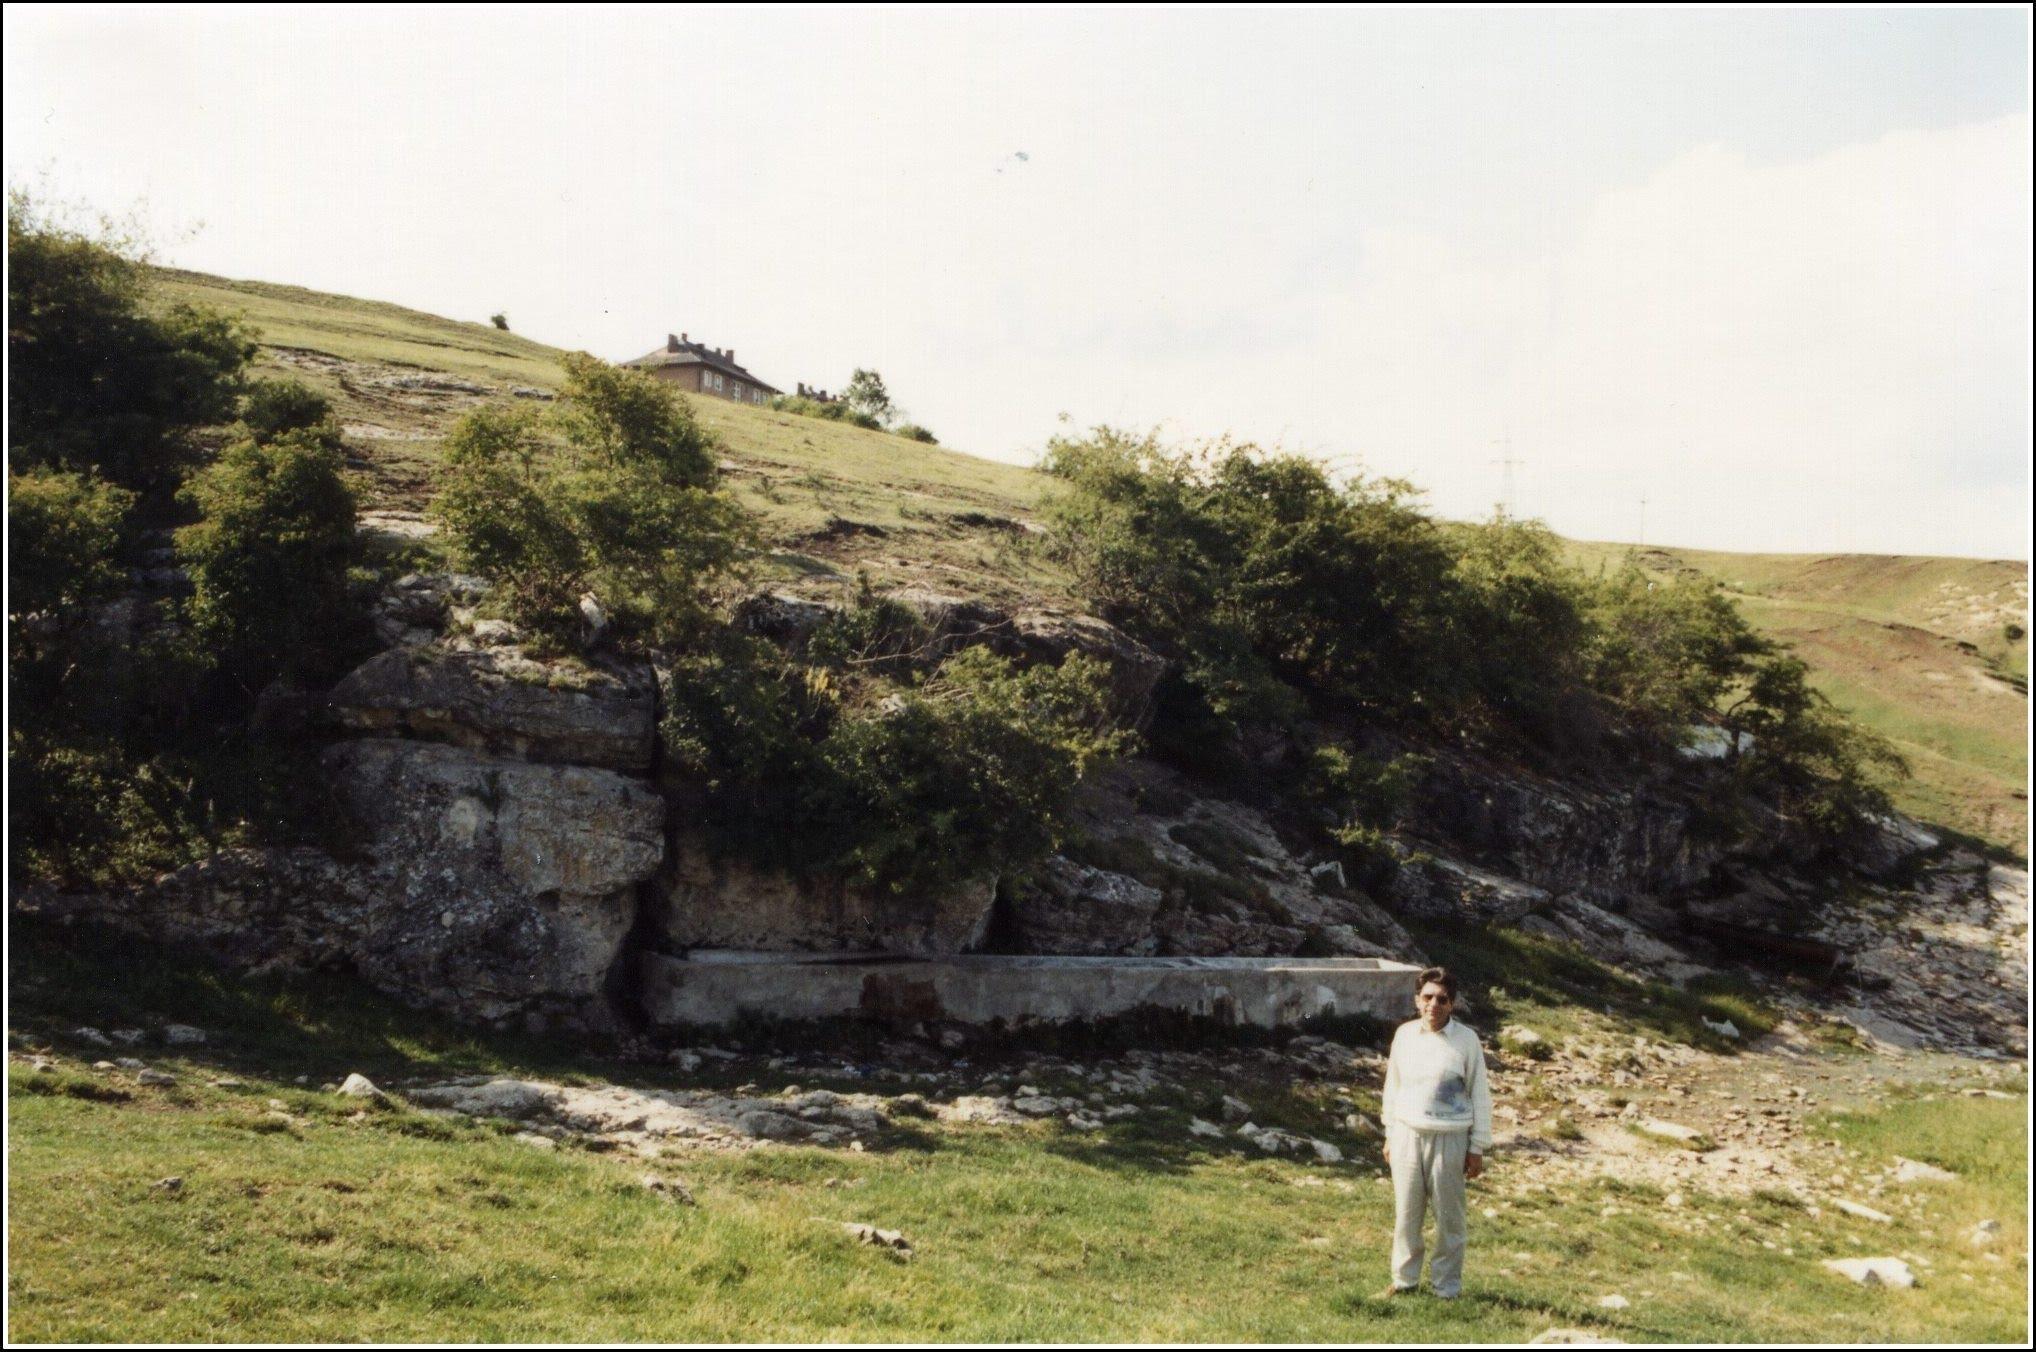 """Photo: """"Izvorul Romanilor"""" în 1993. Halăul de beton al izvorului (captat în trecut pentru alimentarea cu apă potabilă a castrului roman de pe Dealul Cetăţii), era încă intact. Nu departe de acest prim izvor se afla cel de al doilea izvor, de unde apa era captată în timpul Romanilor pentru alimentarea cu apă, printr-un apeduct separat, oraşul Potaissa."""" sursa Radu Cerghizan"""